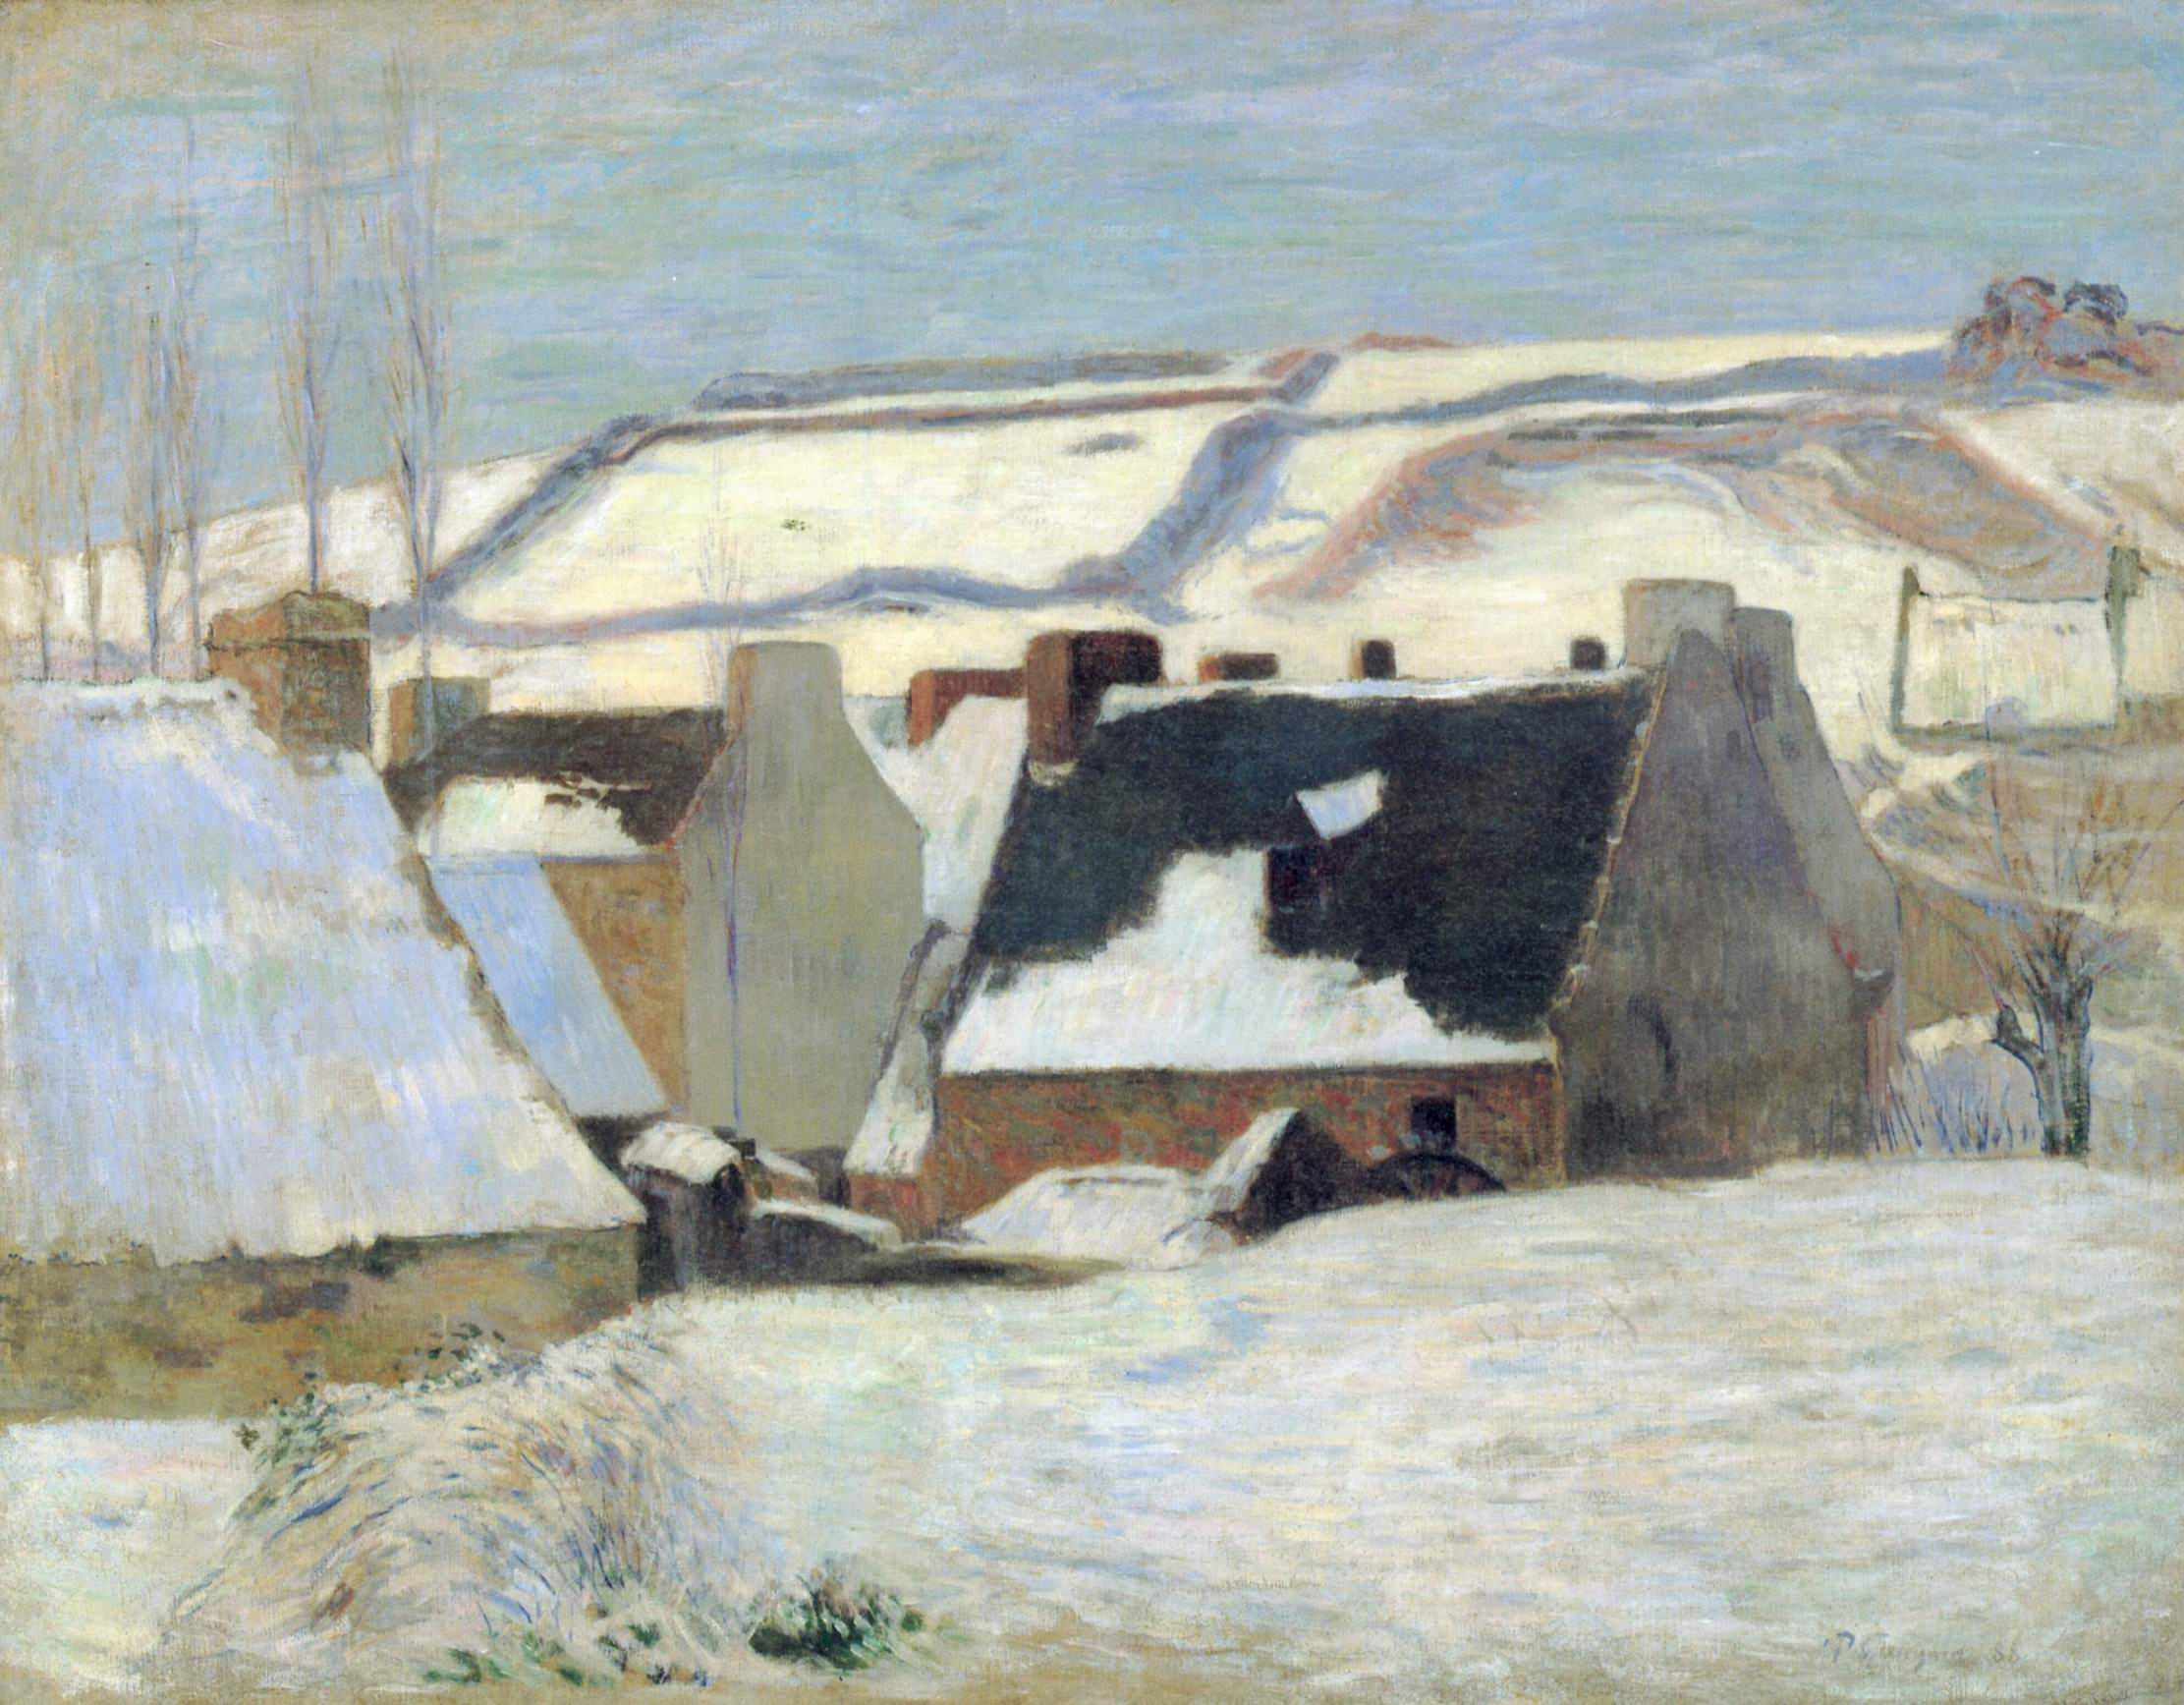 Бретонская деревня в снегу, Поль Гоген